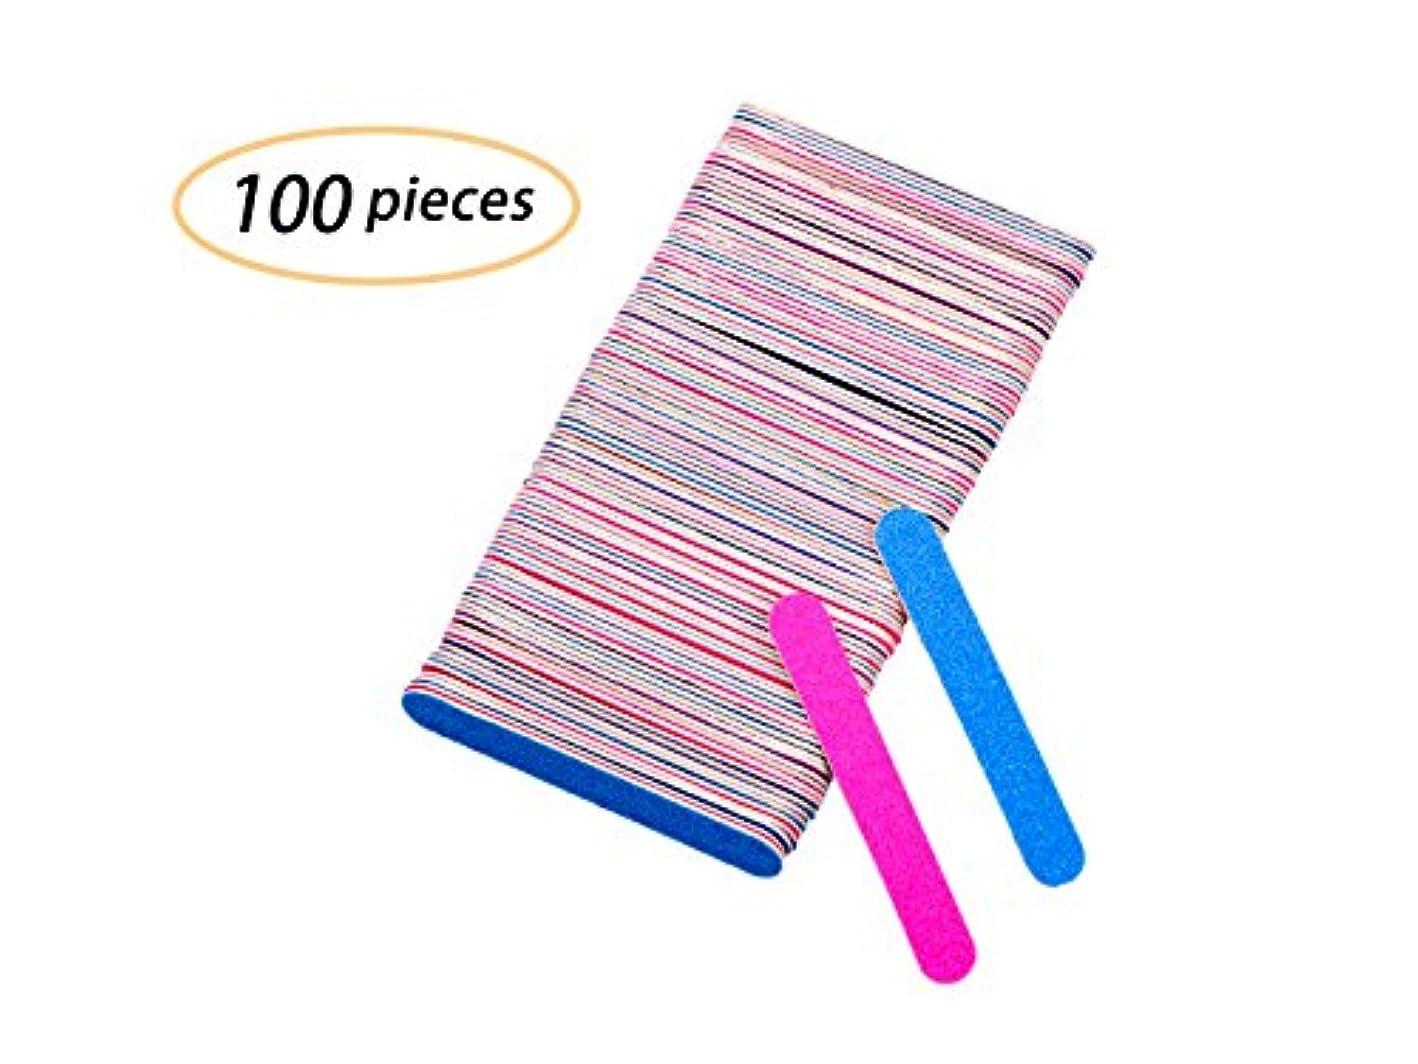 版委託センチメートルYolito 100pcs ネイルファイル エメリーボード 爪やすり使い捨て 爪磨き両面 ジェルネイル/自爪(180、240グリット)